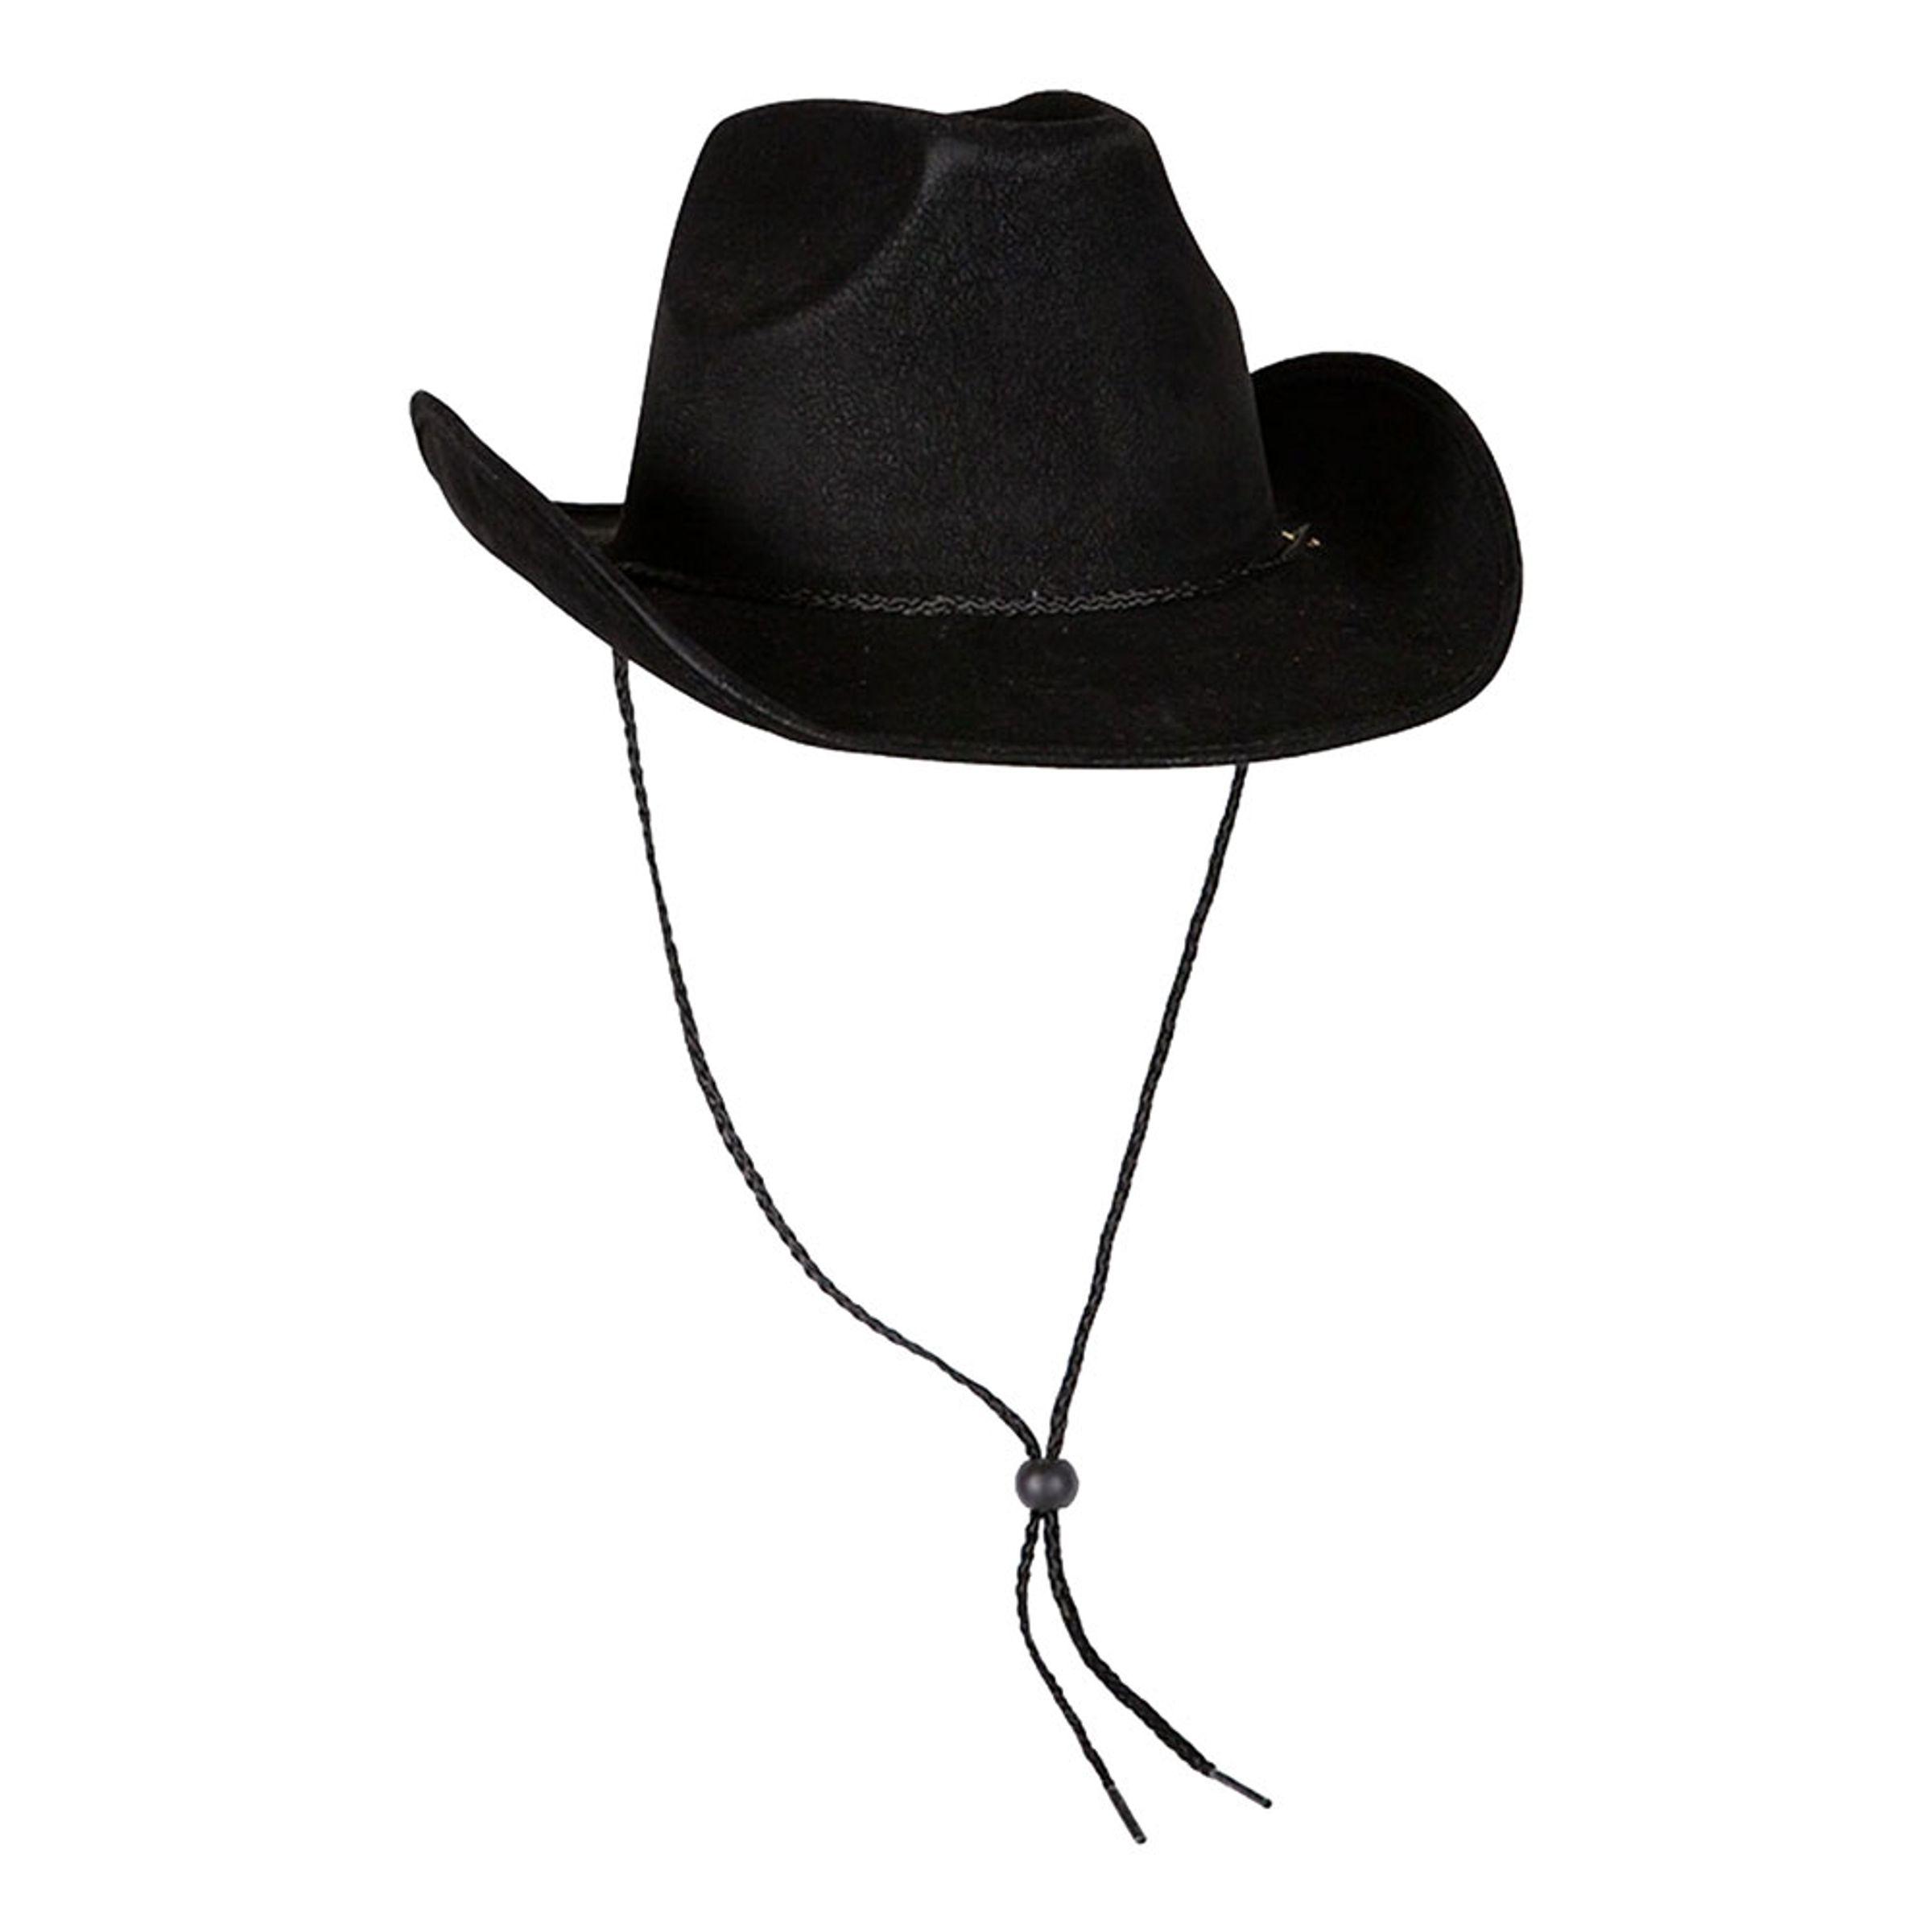 Cowboyhatt Svart Deluxe - One size